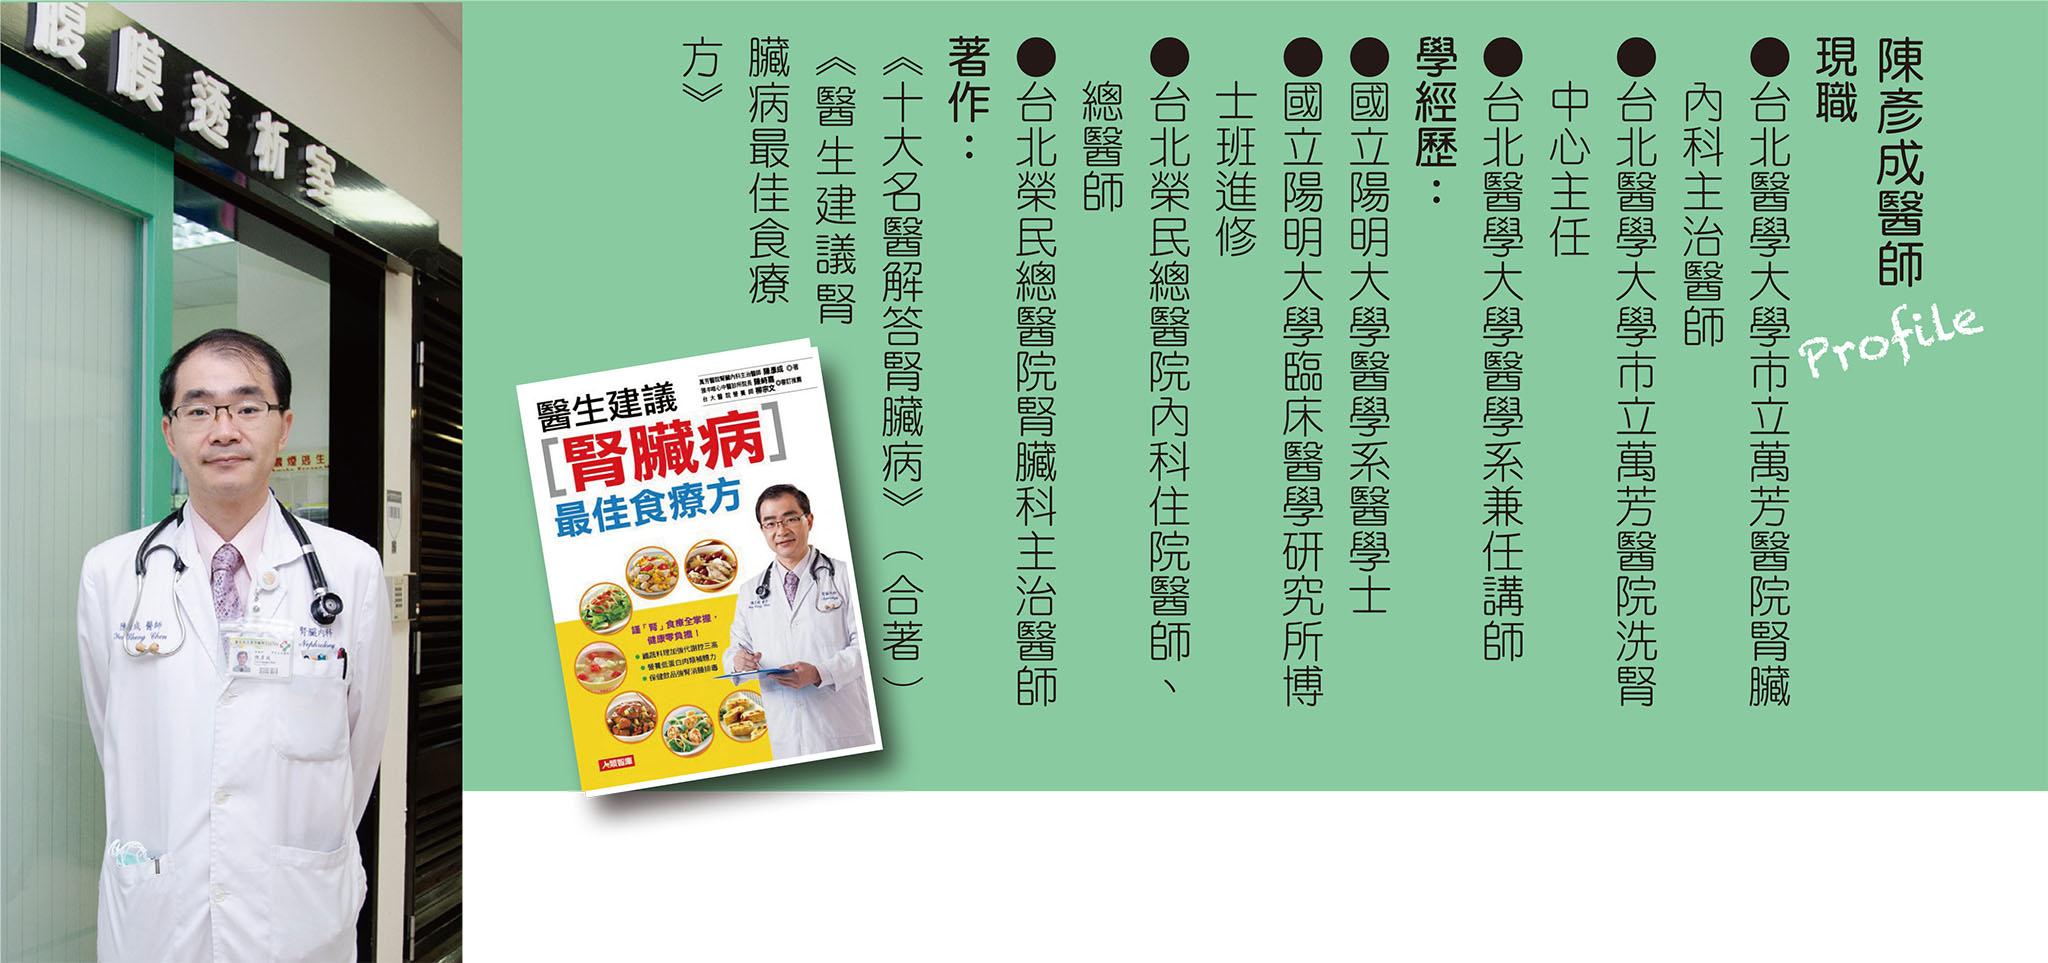 陳彥成醫師小檔案。